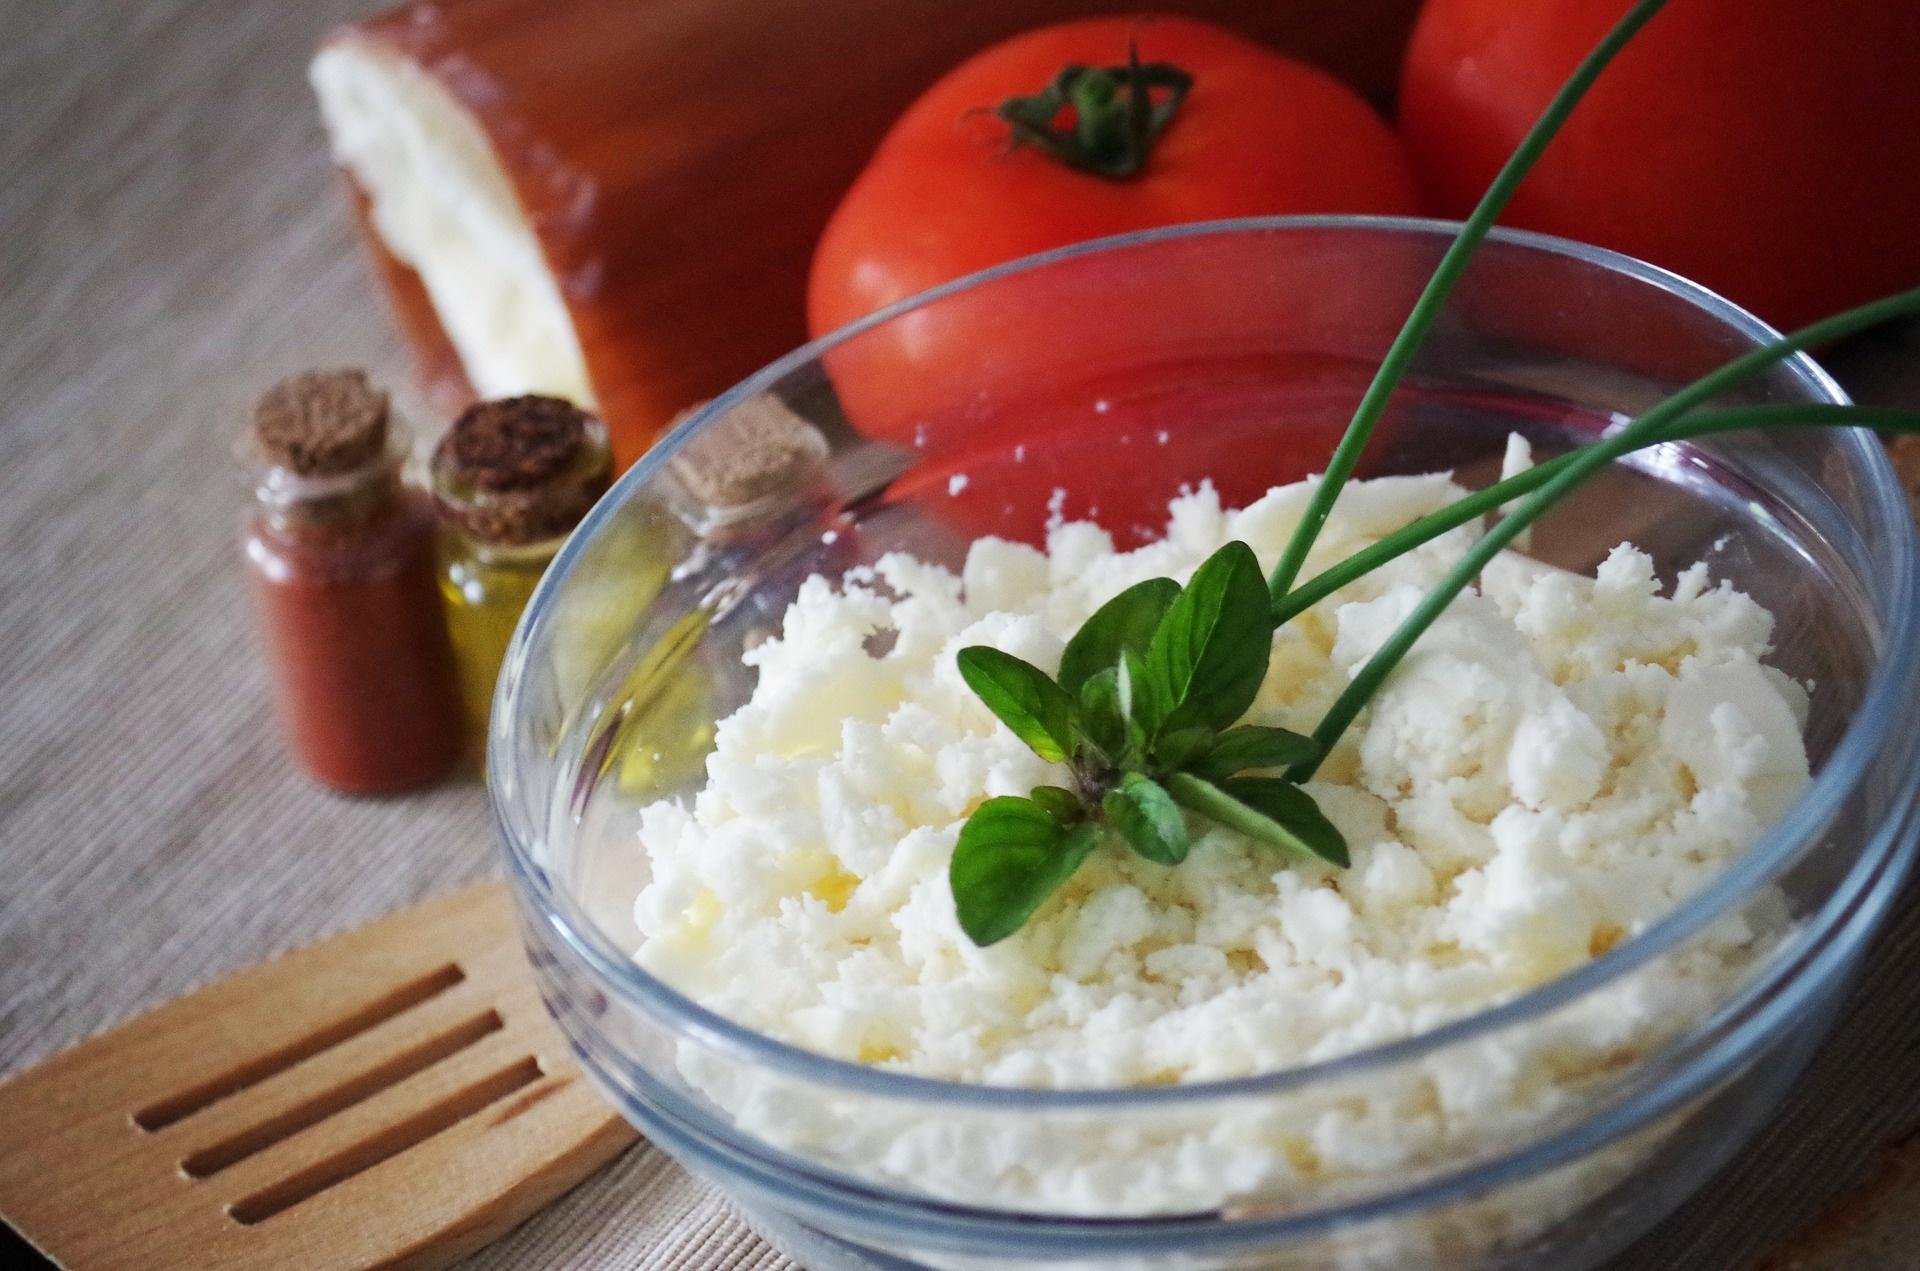 KalorienFalle Salat - 5 Tipps die Du beachten solltest